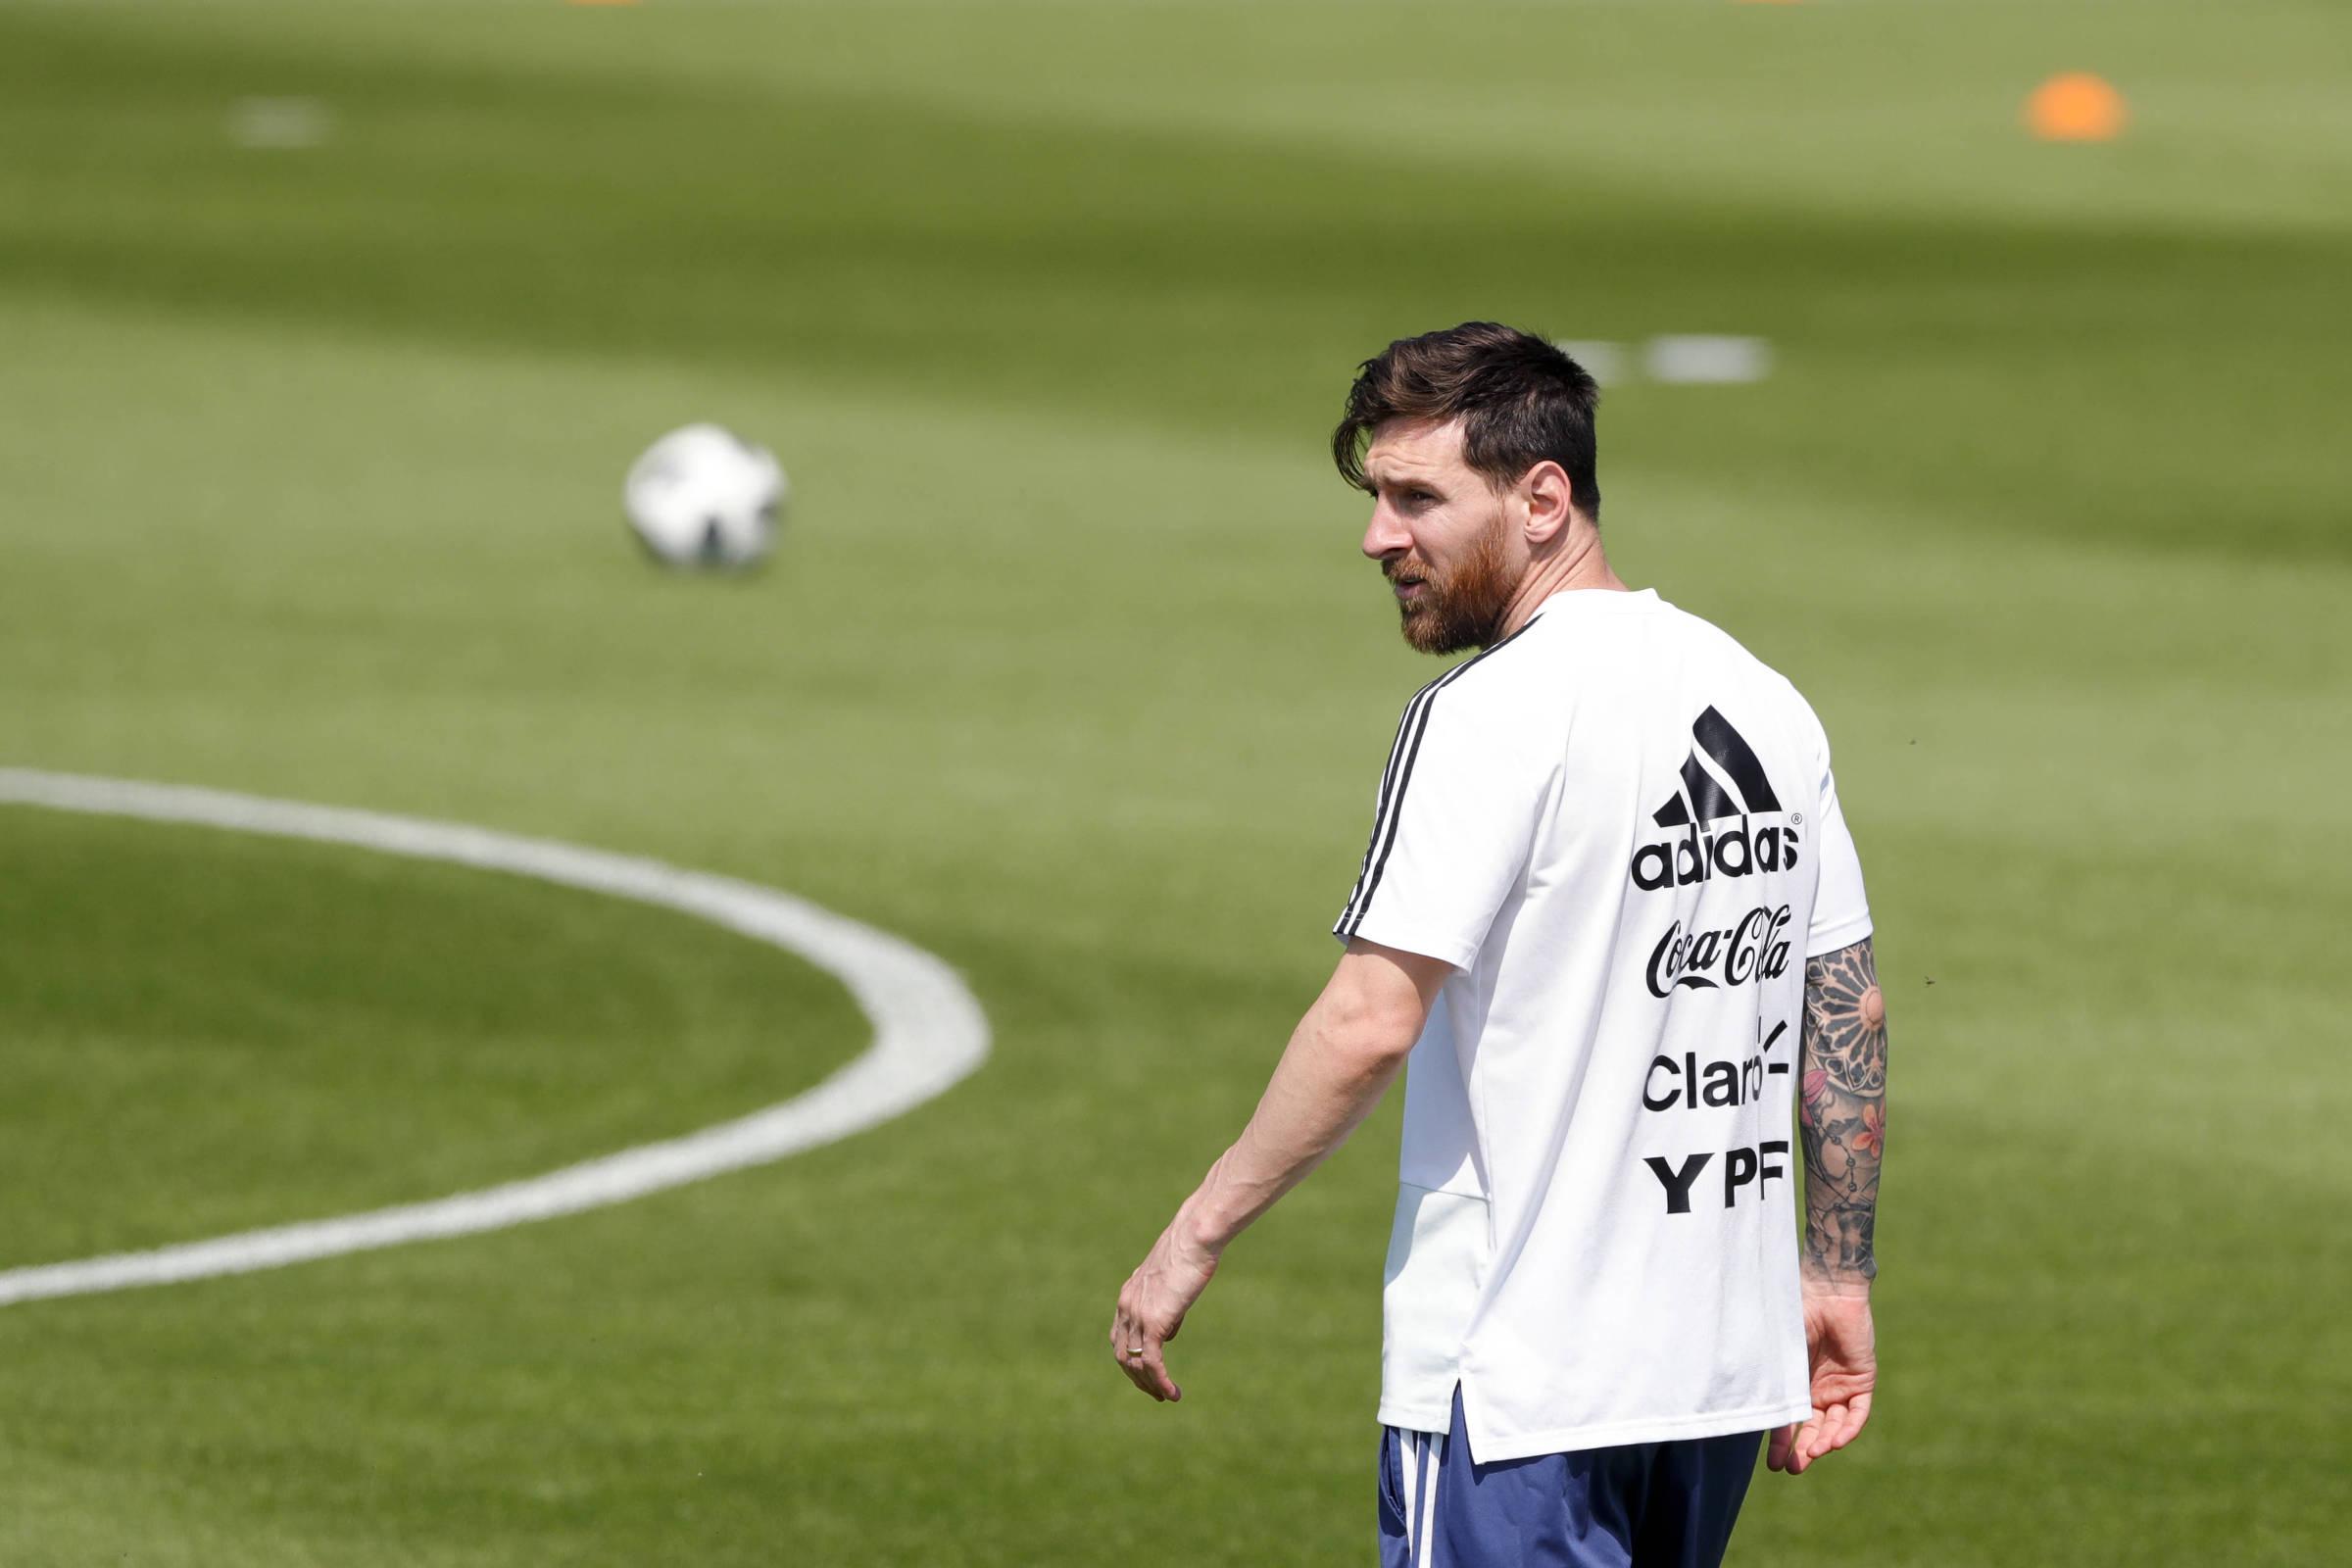 c772a616d3e25 O desafio de Lionel Messi - 24 06 2018 - Juca Kfouri - Folha